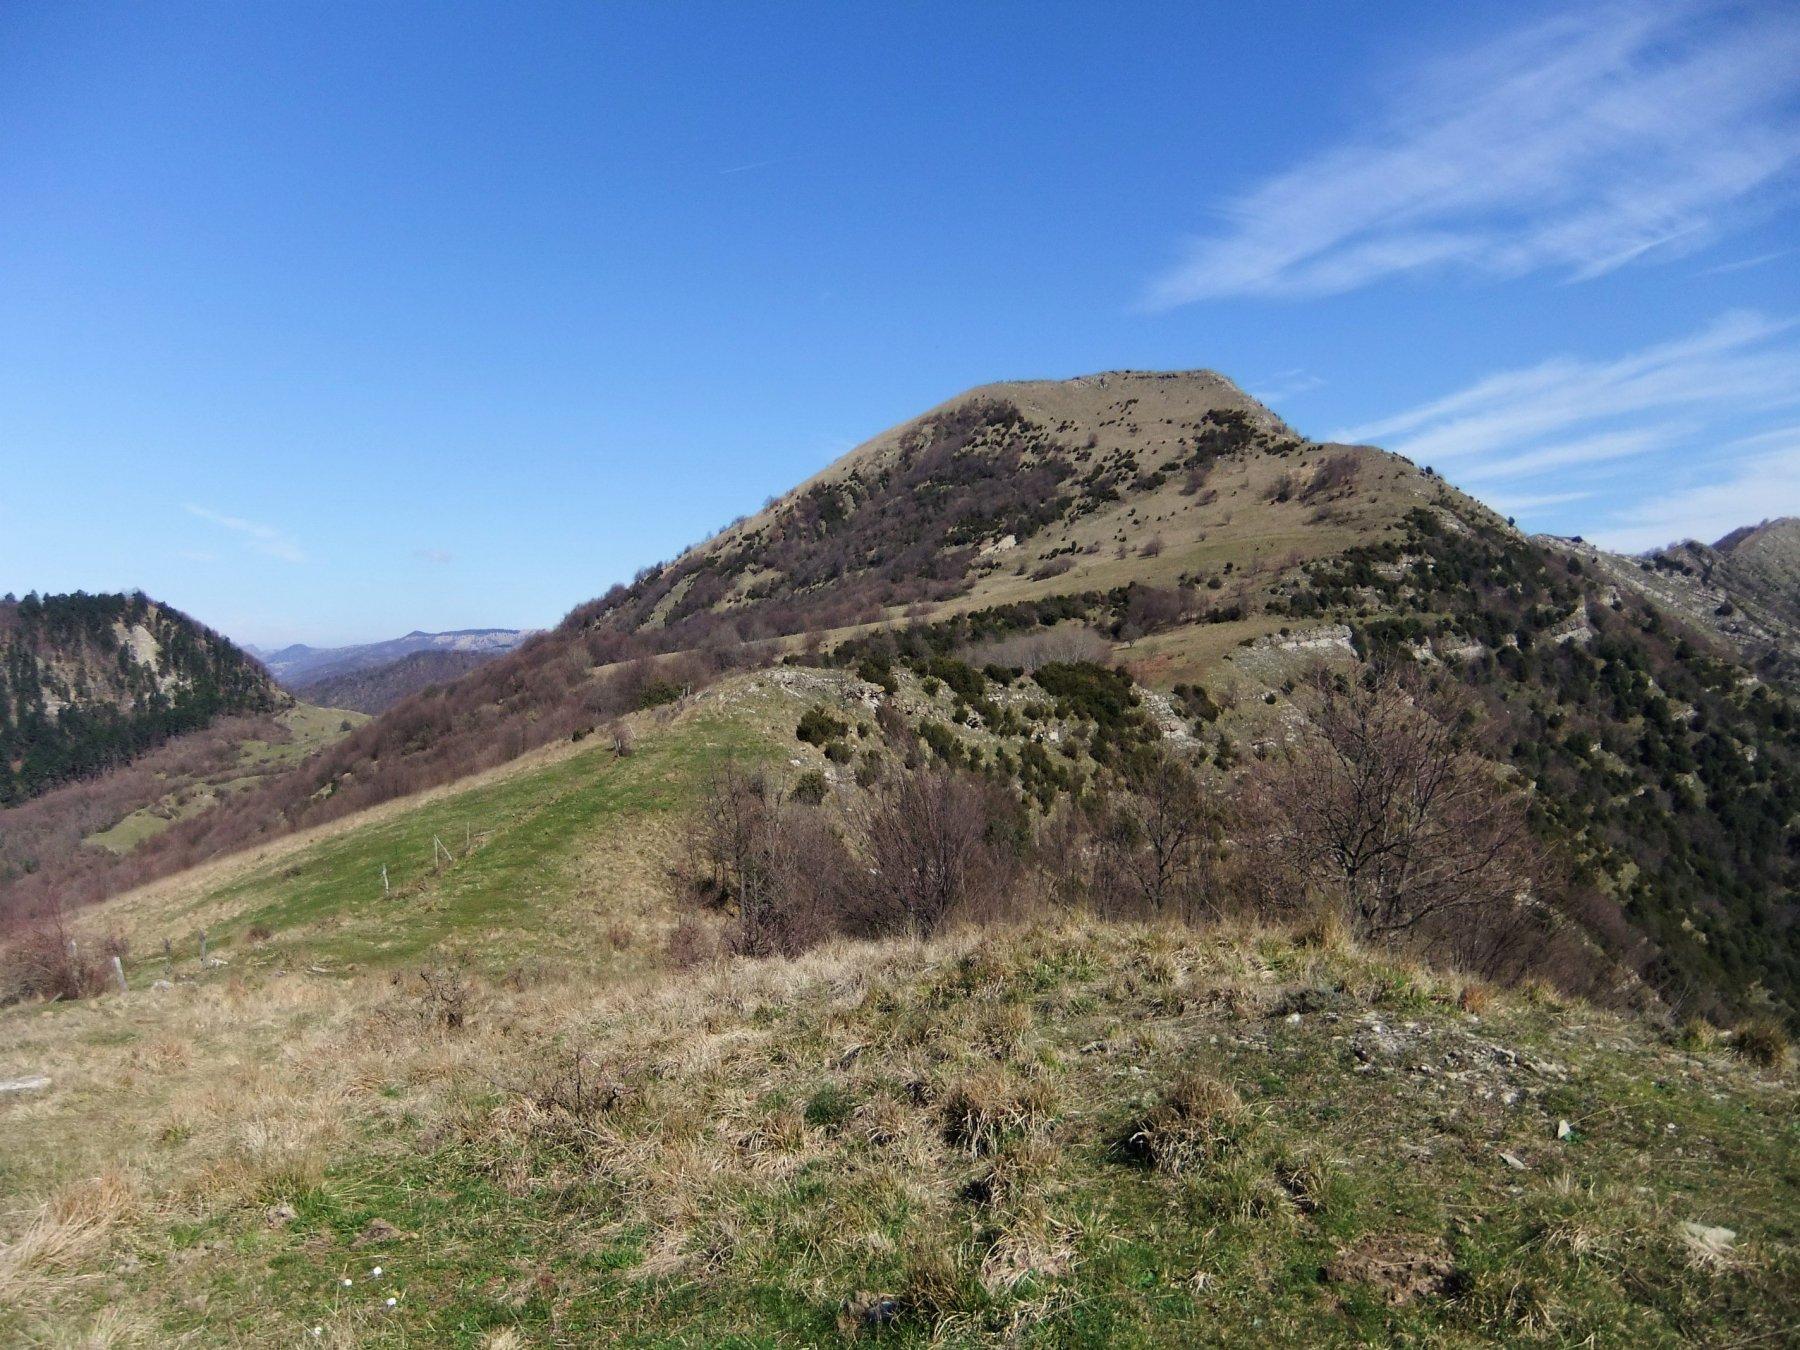 Alpesisa (Monte) da Prato, anello per la Gola di Sisa 2020-03-08